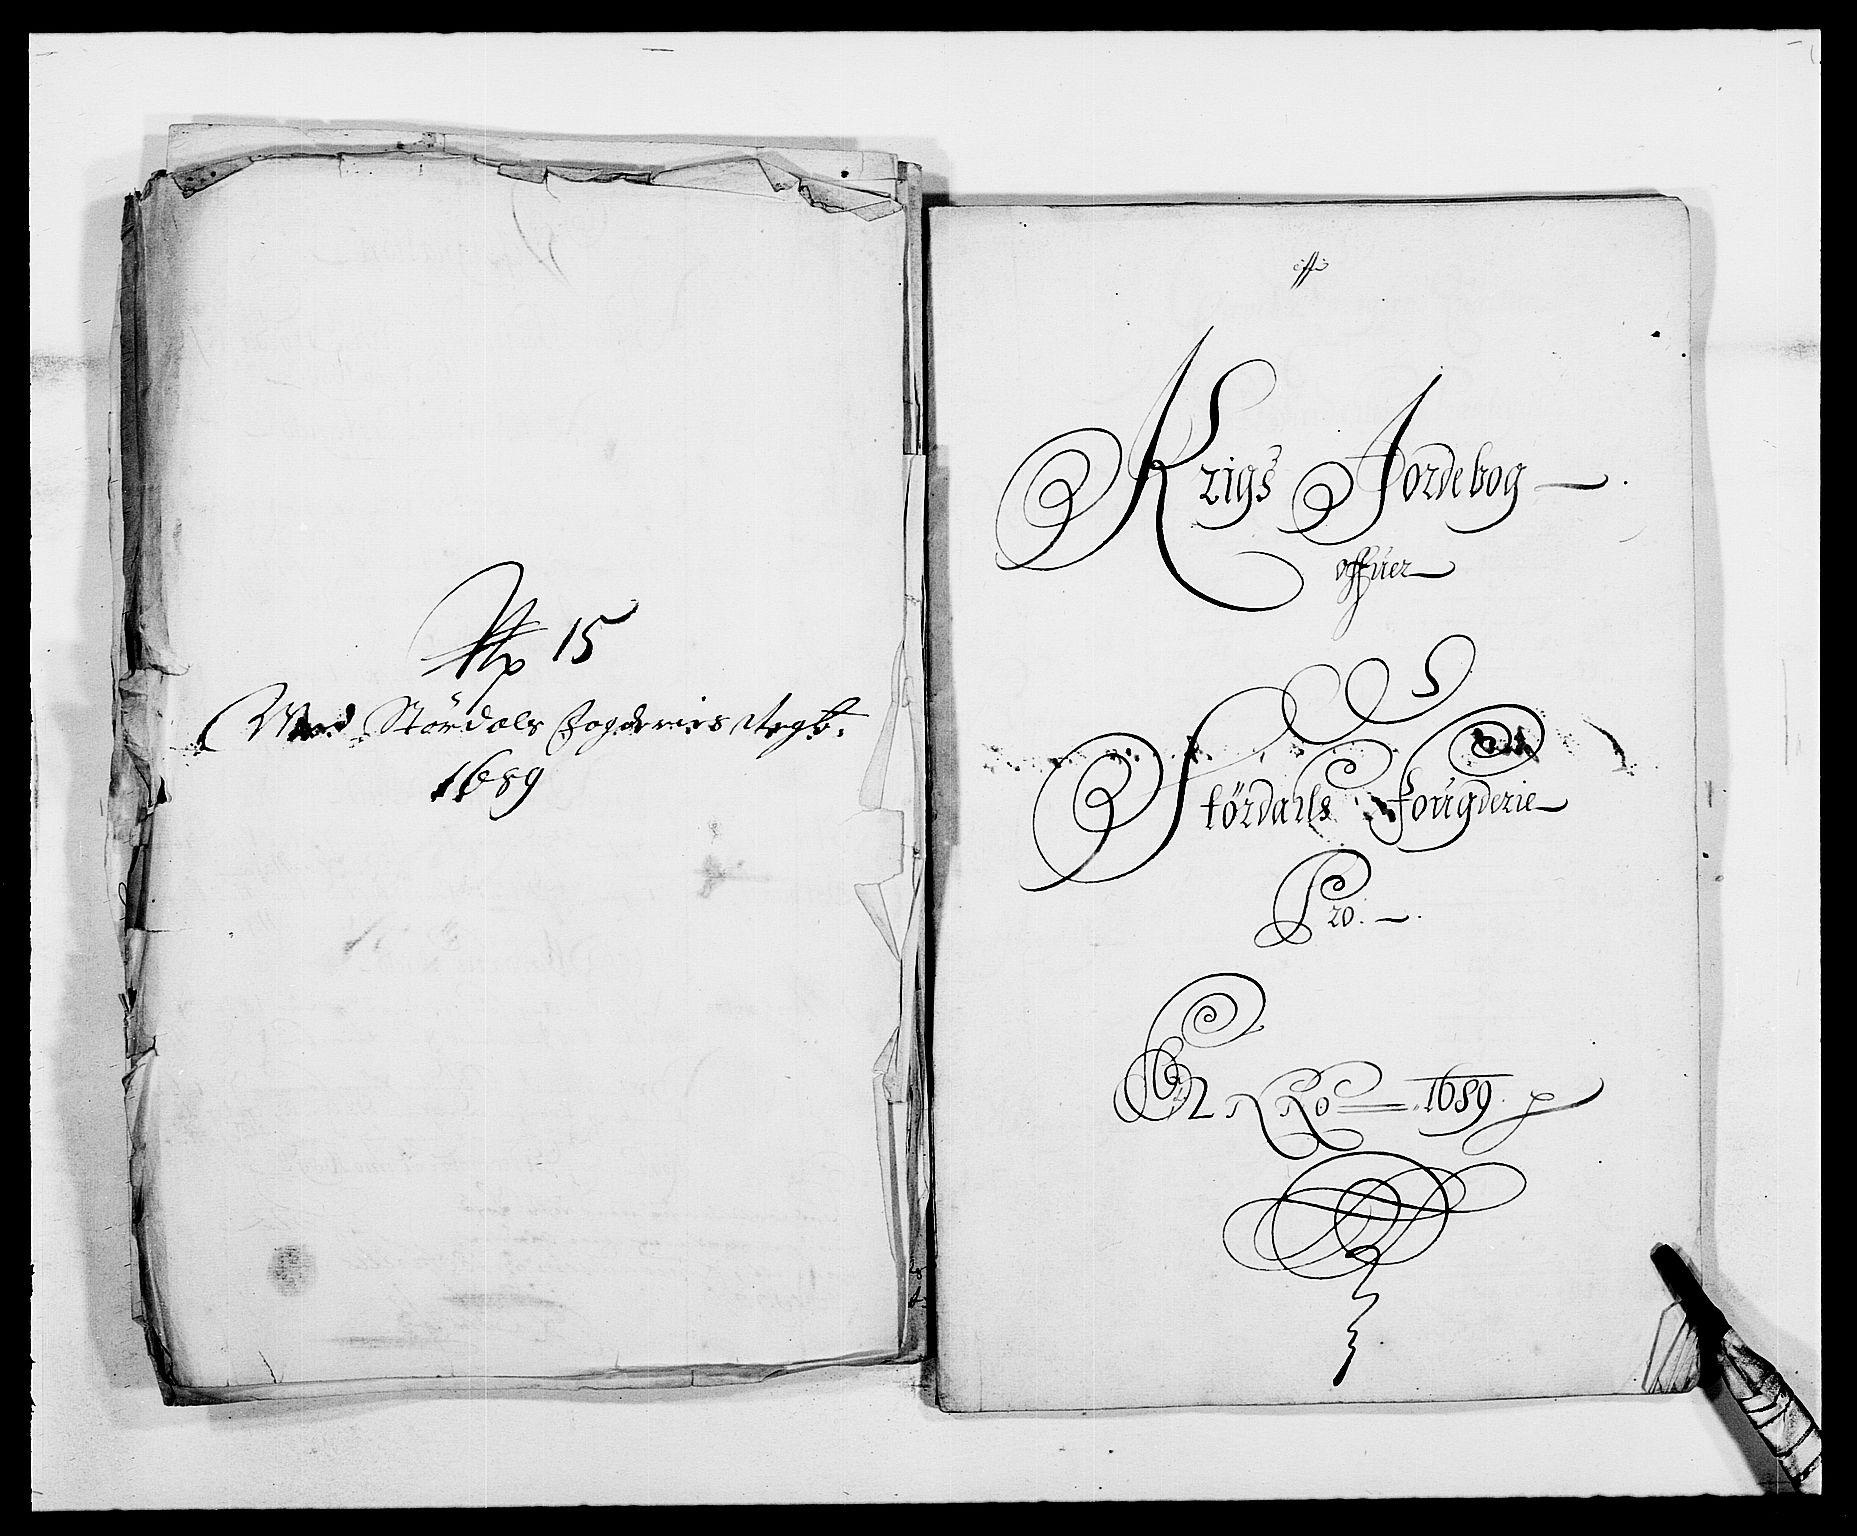 RA, Rentekammeret inntil 1814, Reviderte regnskaper, Fogderegnskap, R62/L4183: Fogderegnskap Stjørdal og Verdal, 1687-1689, s. 420